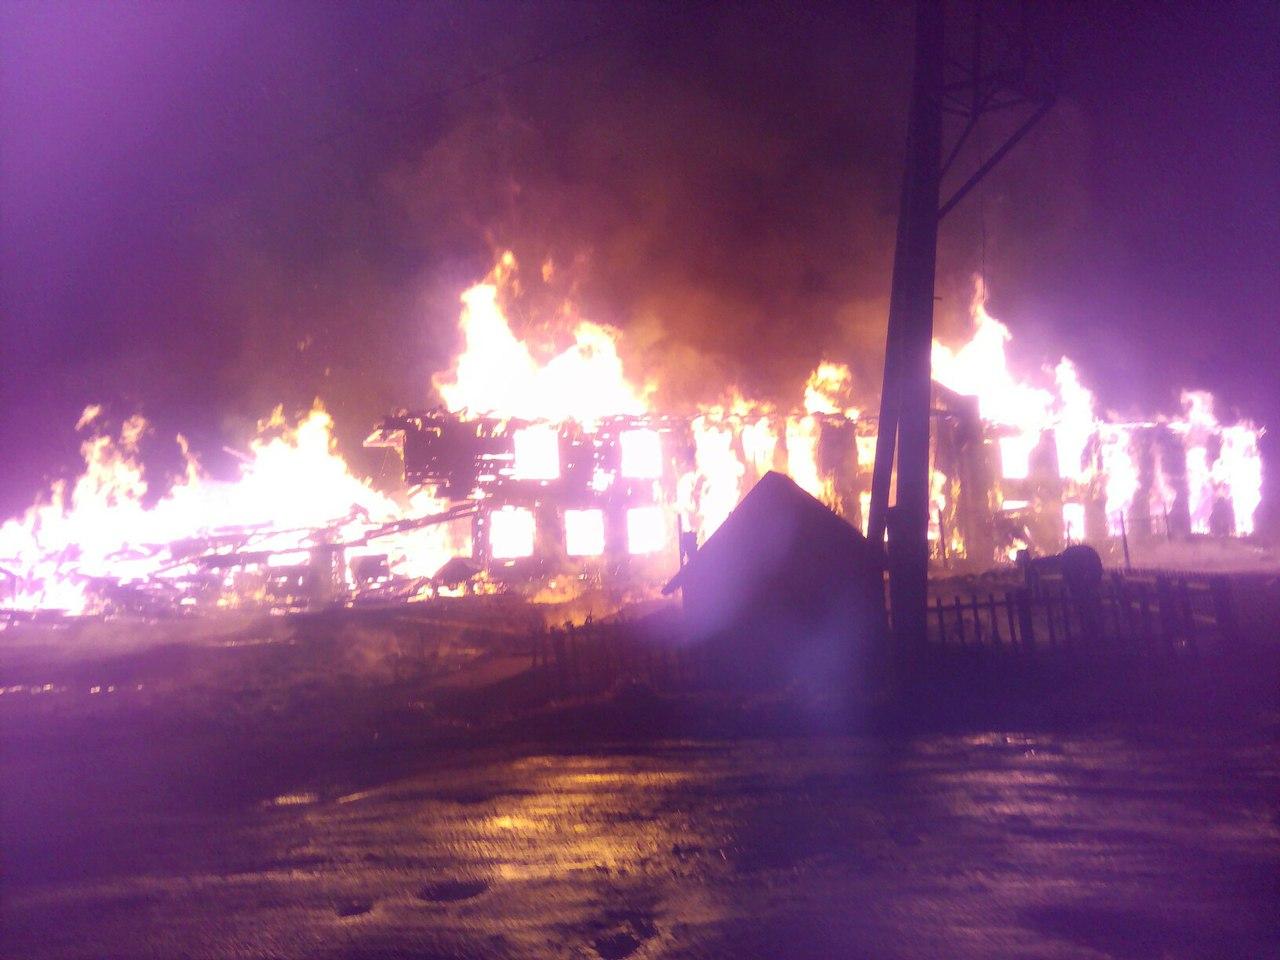 После пожара в Новгородском районе погиб спасатель